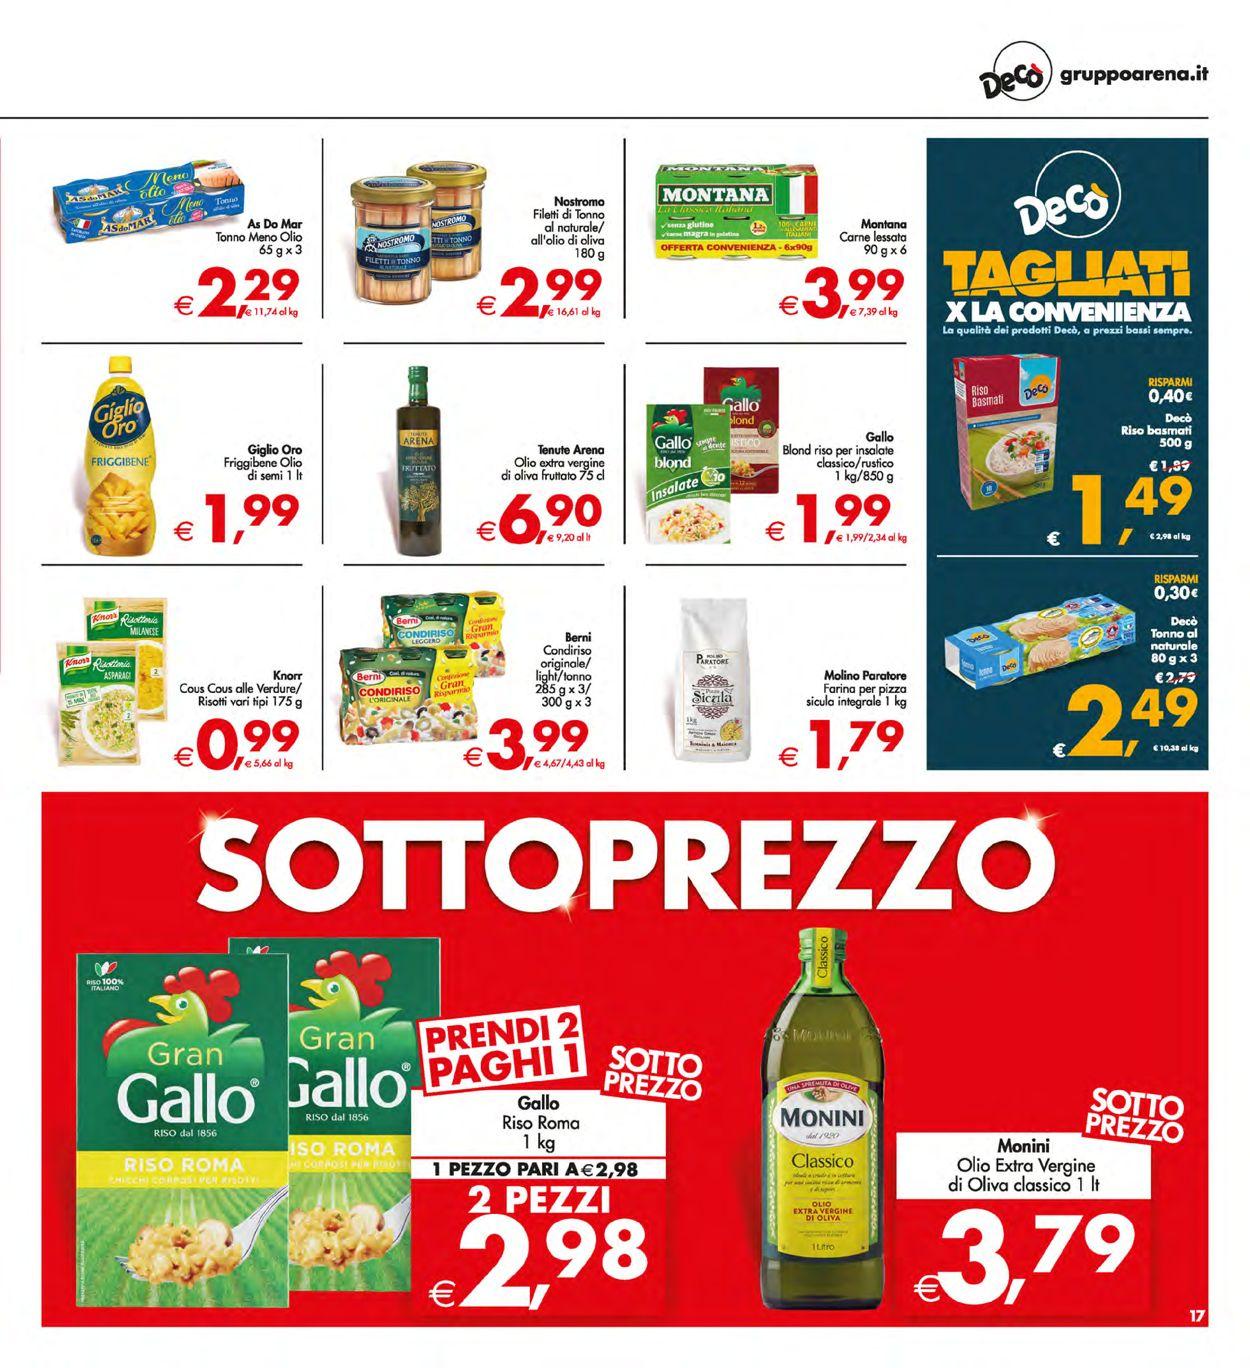 Volantino Deco - Offerte 28/05-07/06/2021 (Pagina 17)